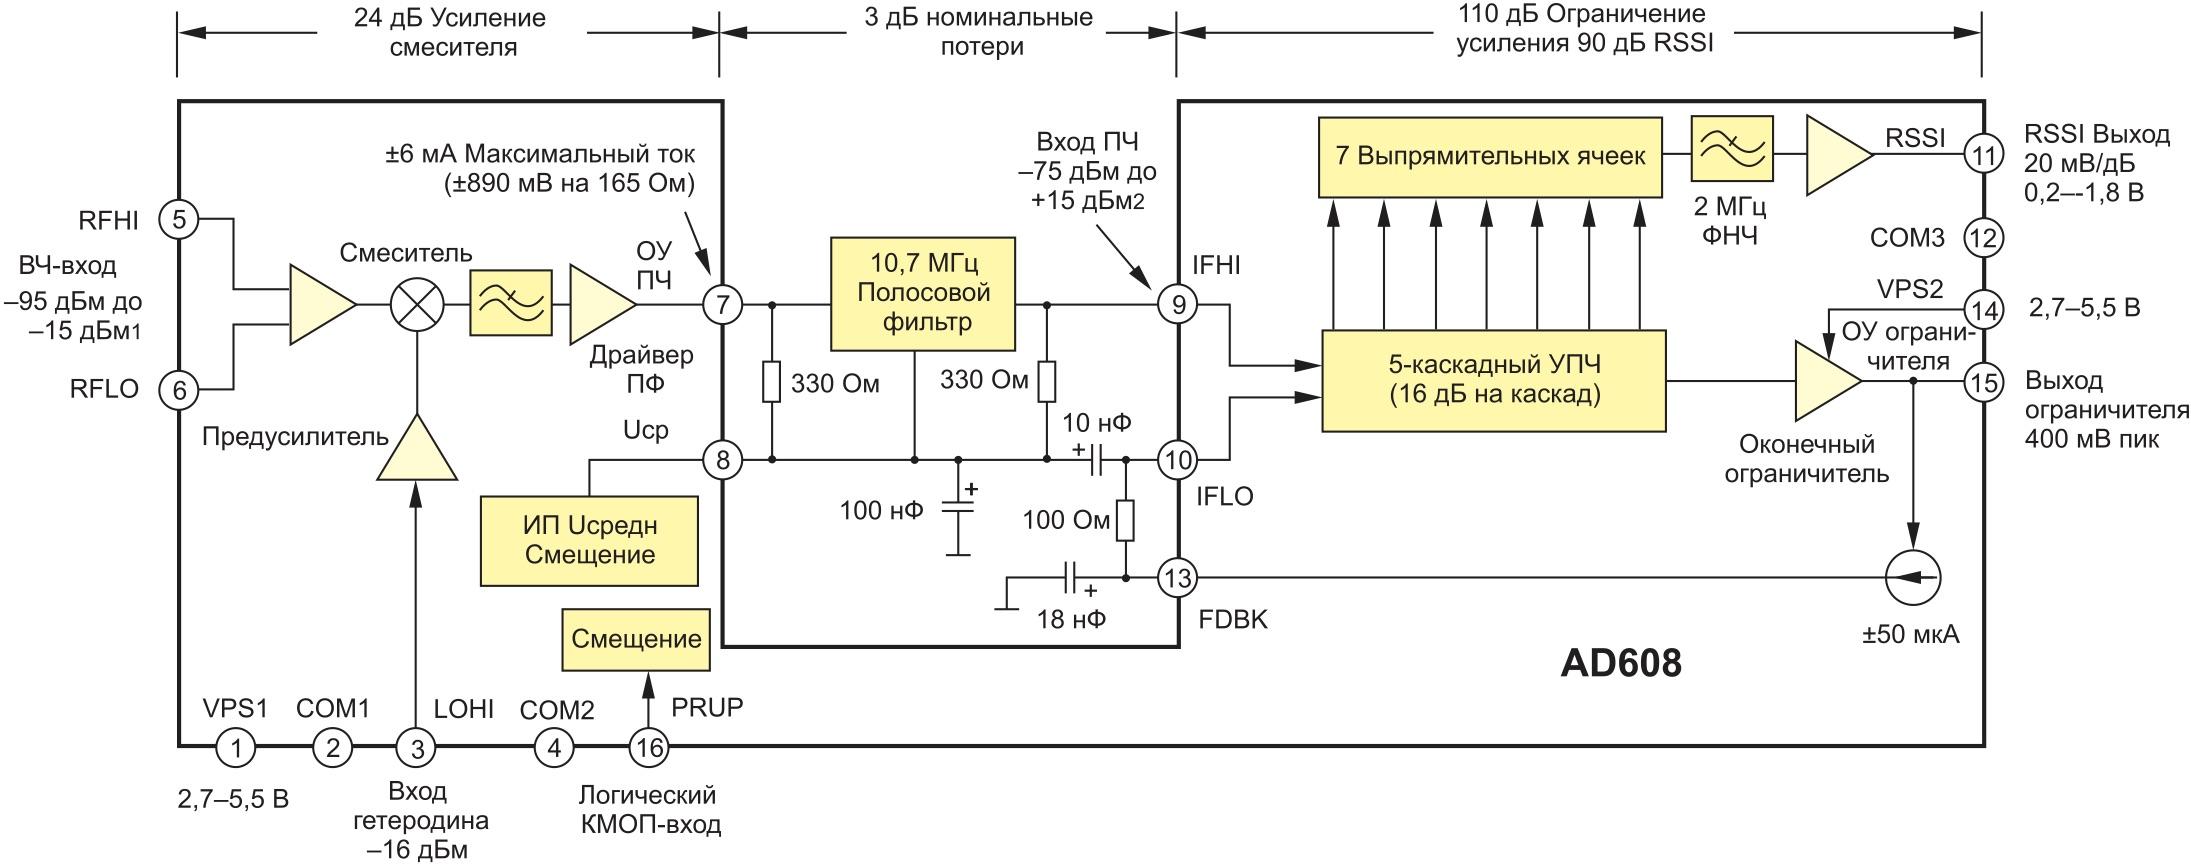 Структура микросхемы AD608